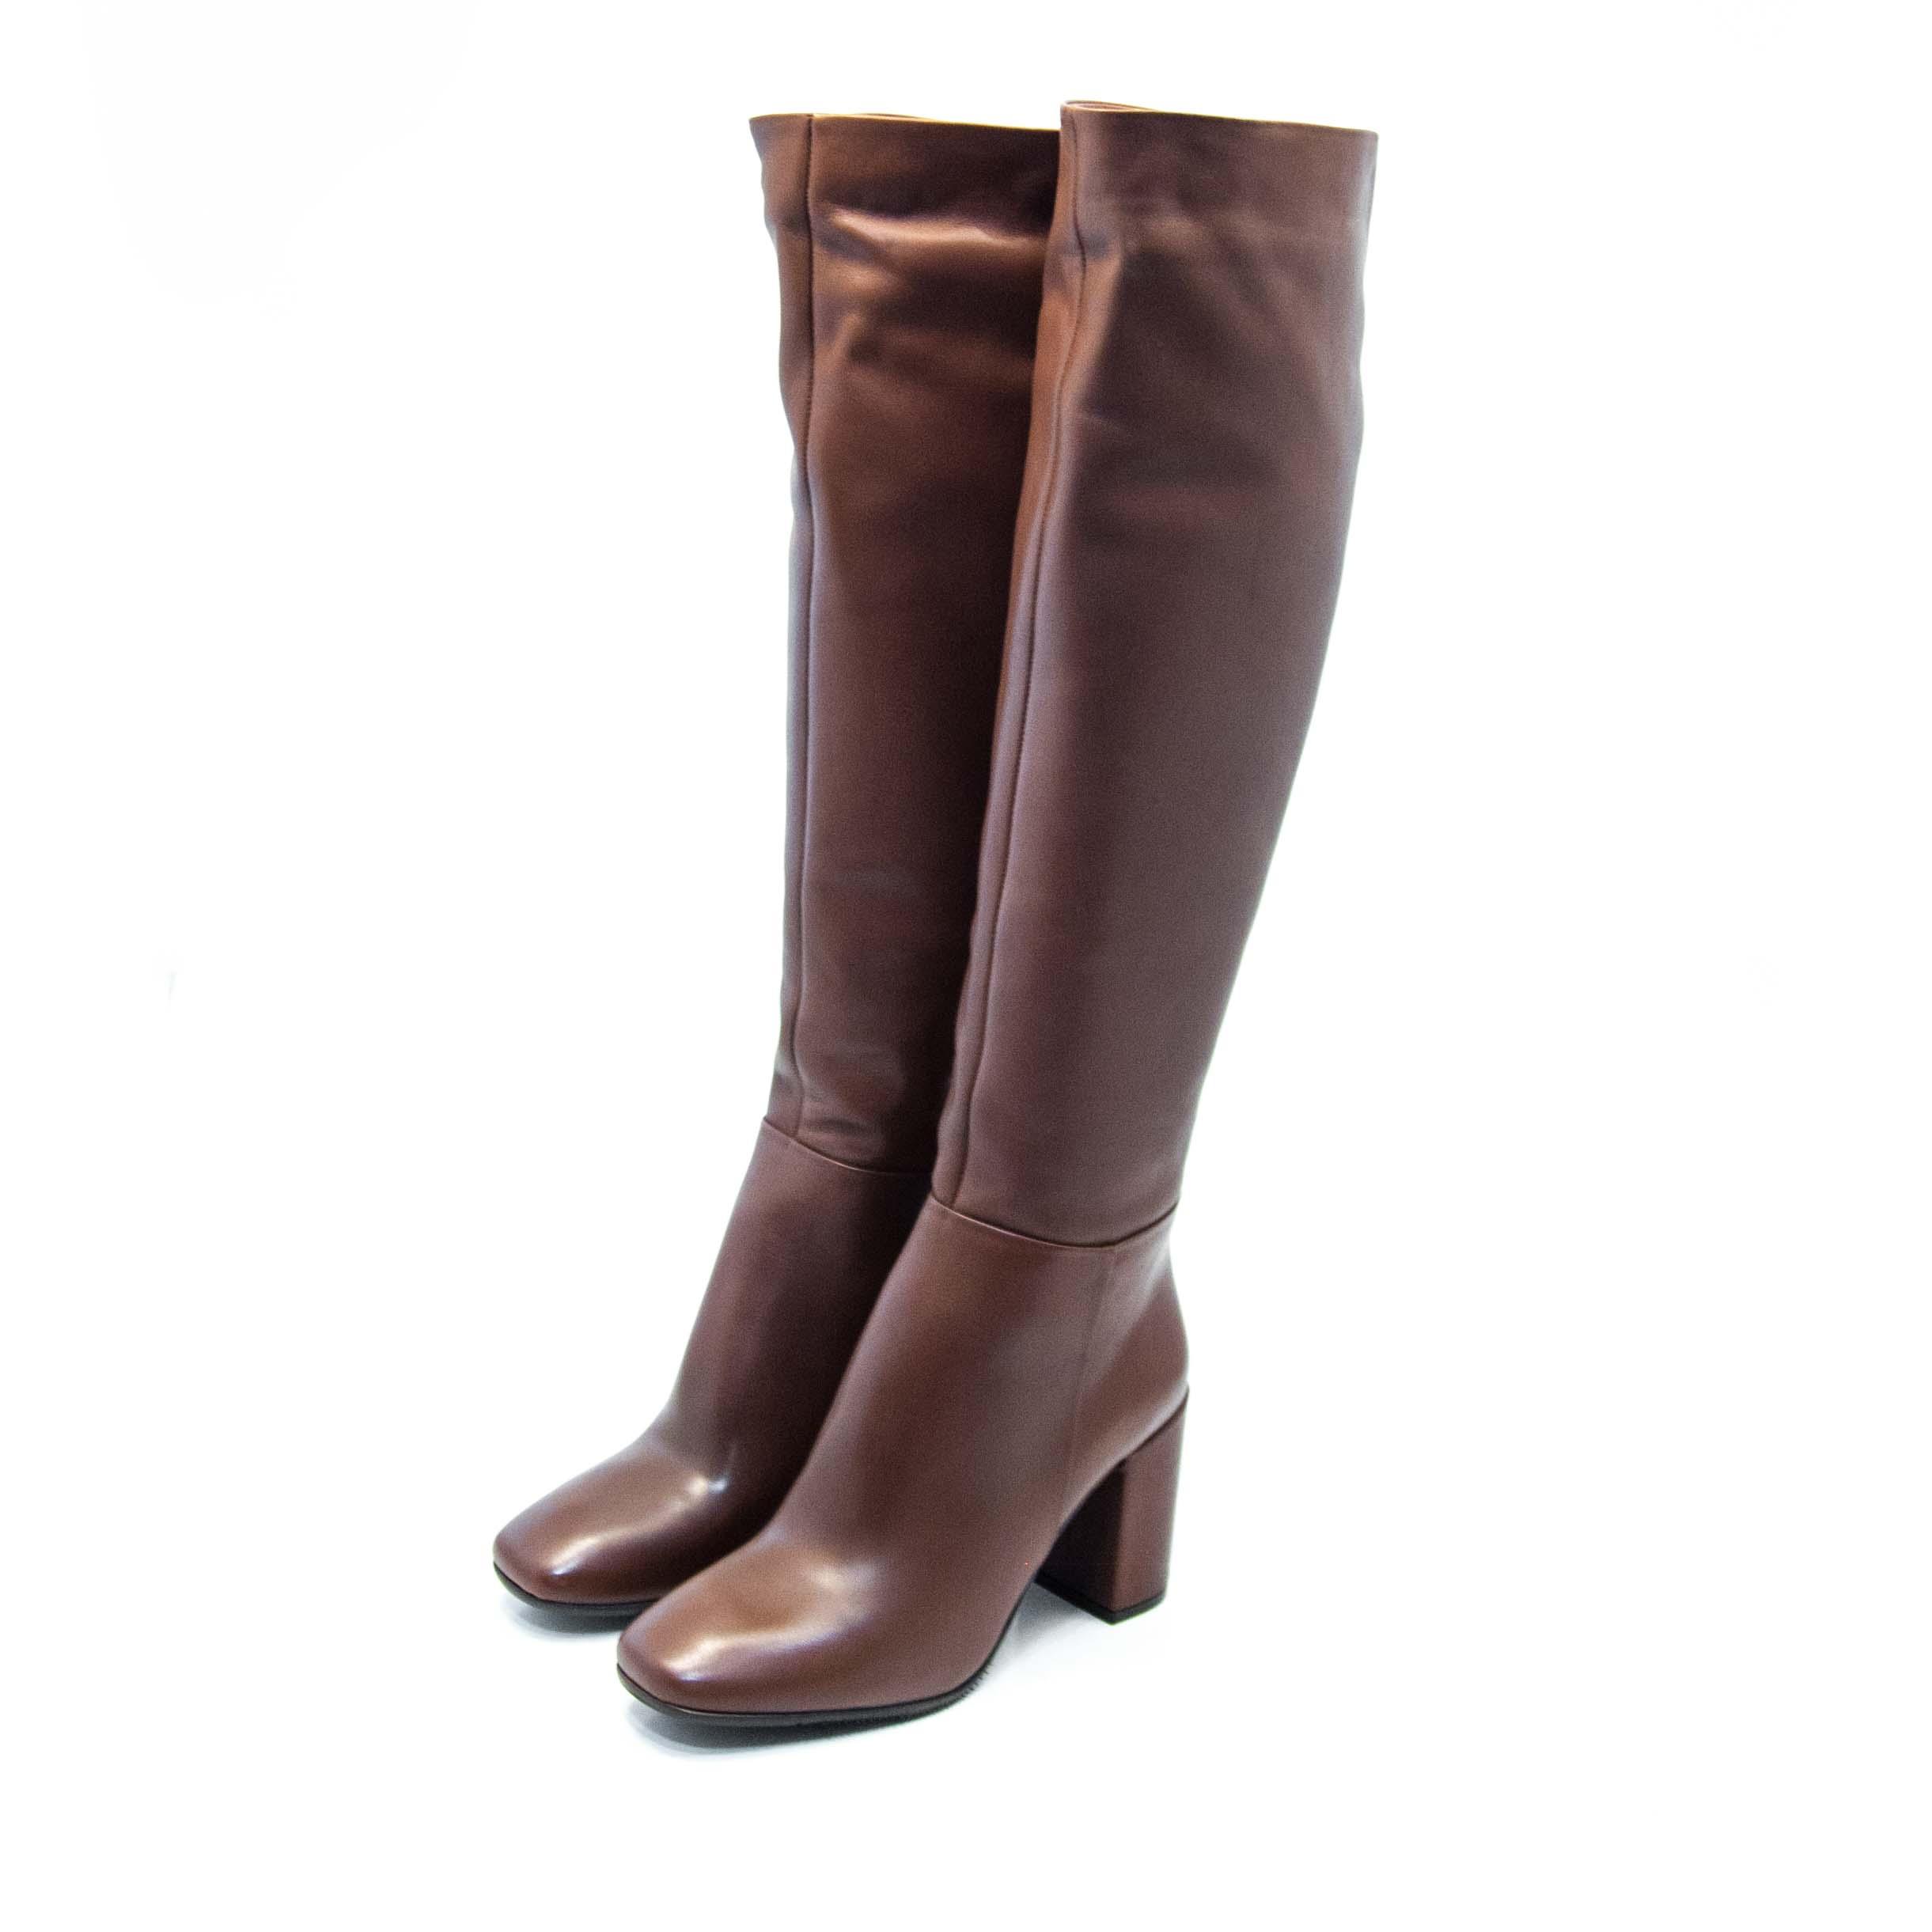 Γυναικεία μπότα NEWZ 2993641